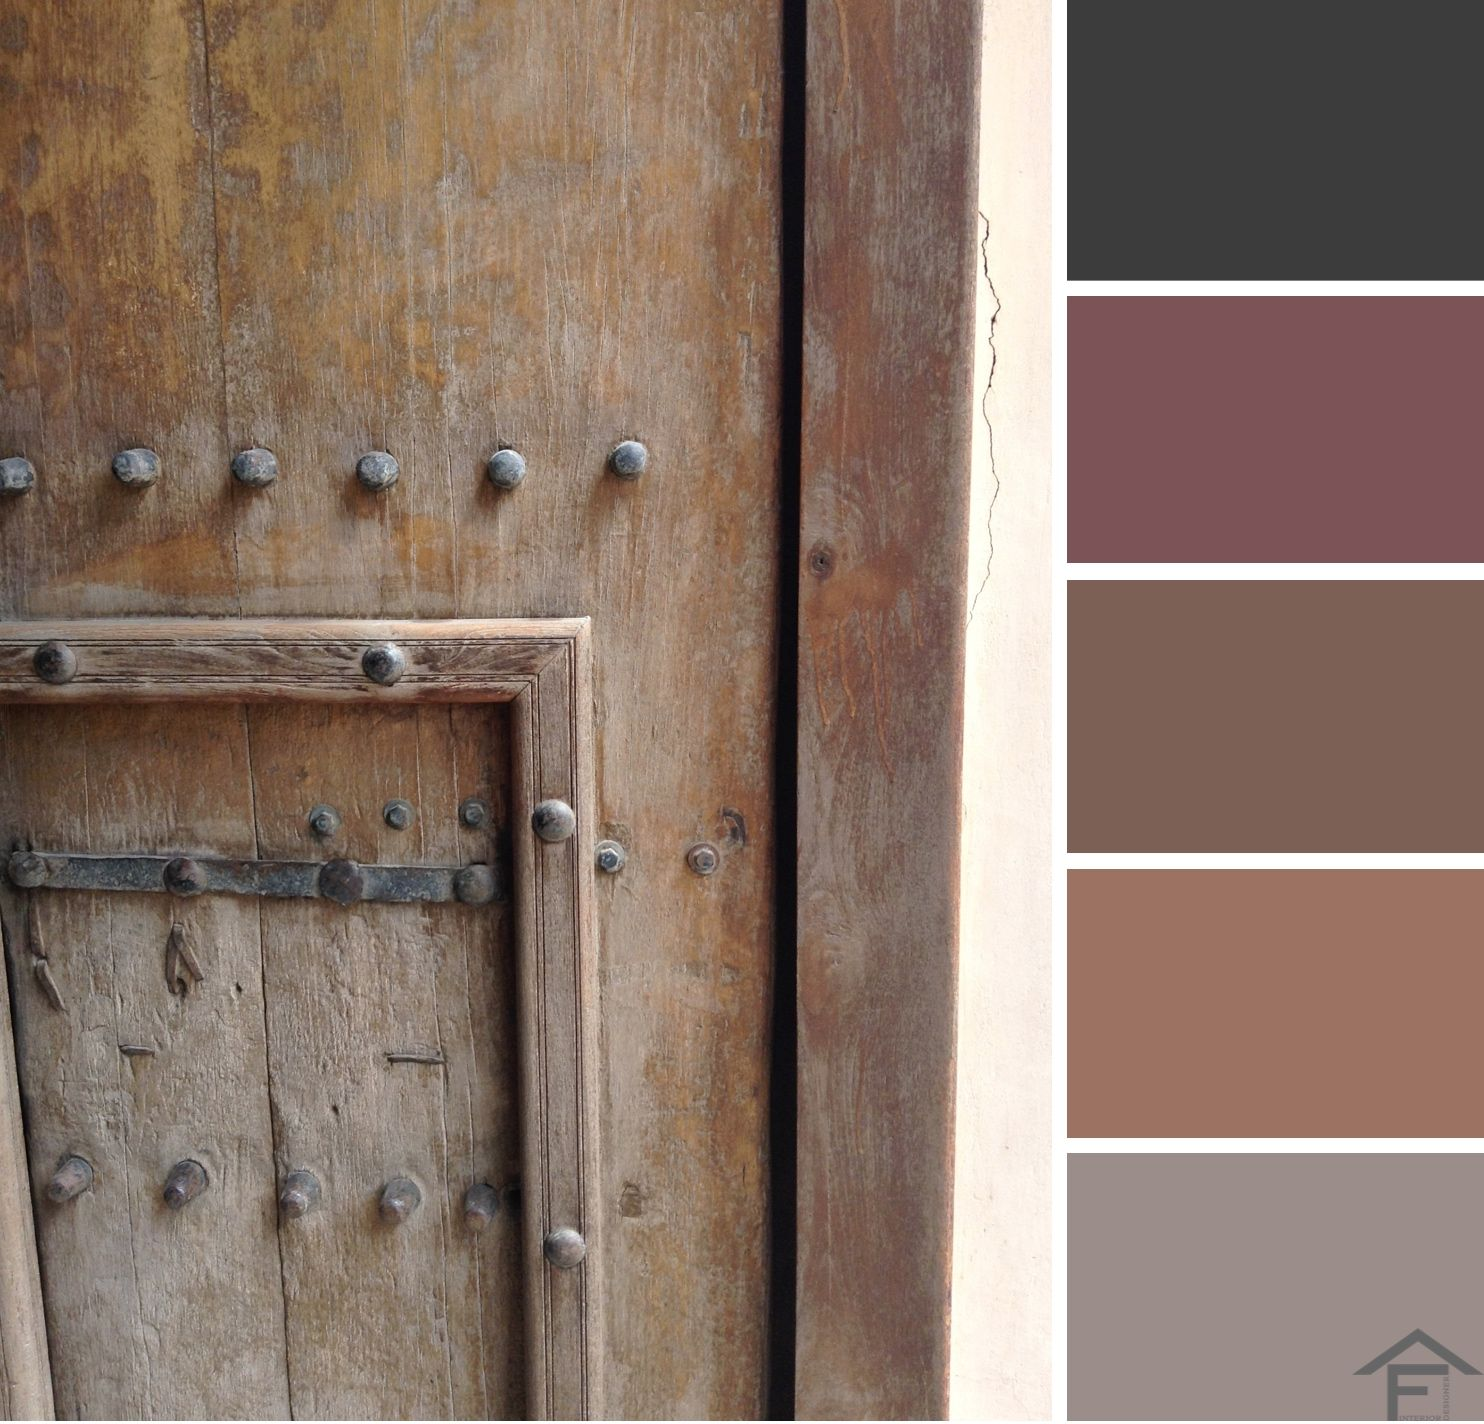 Palette colore porta arredamento esterni tendenze for Stili di arredamento interni